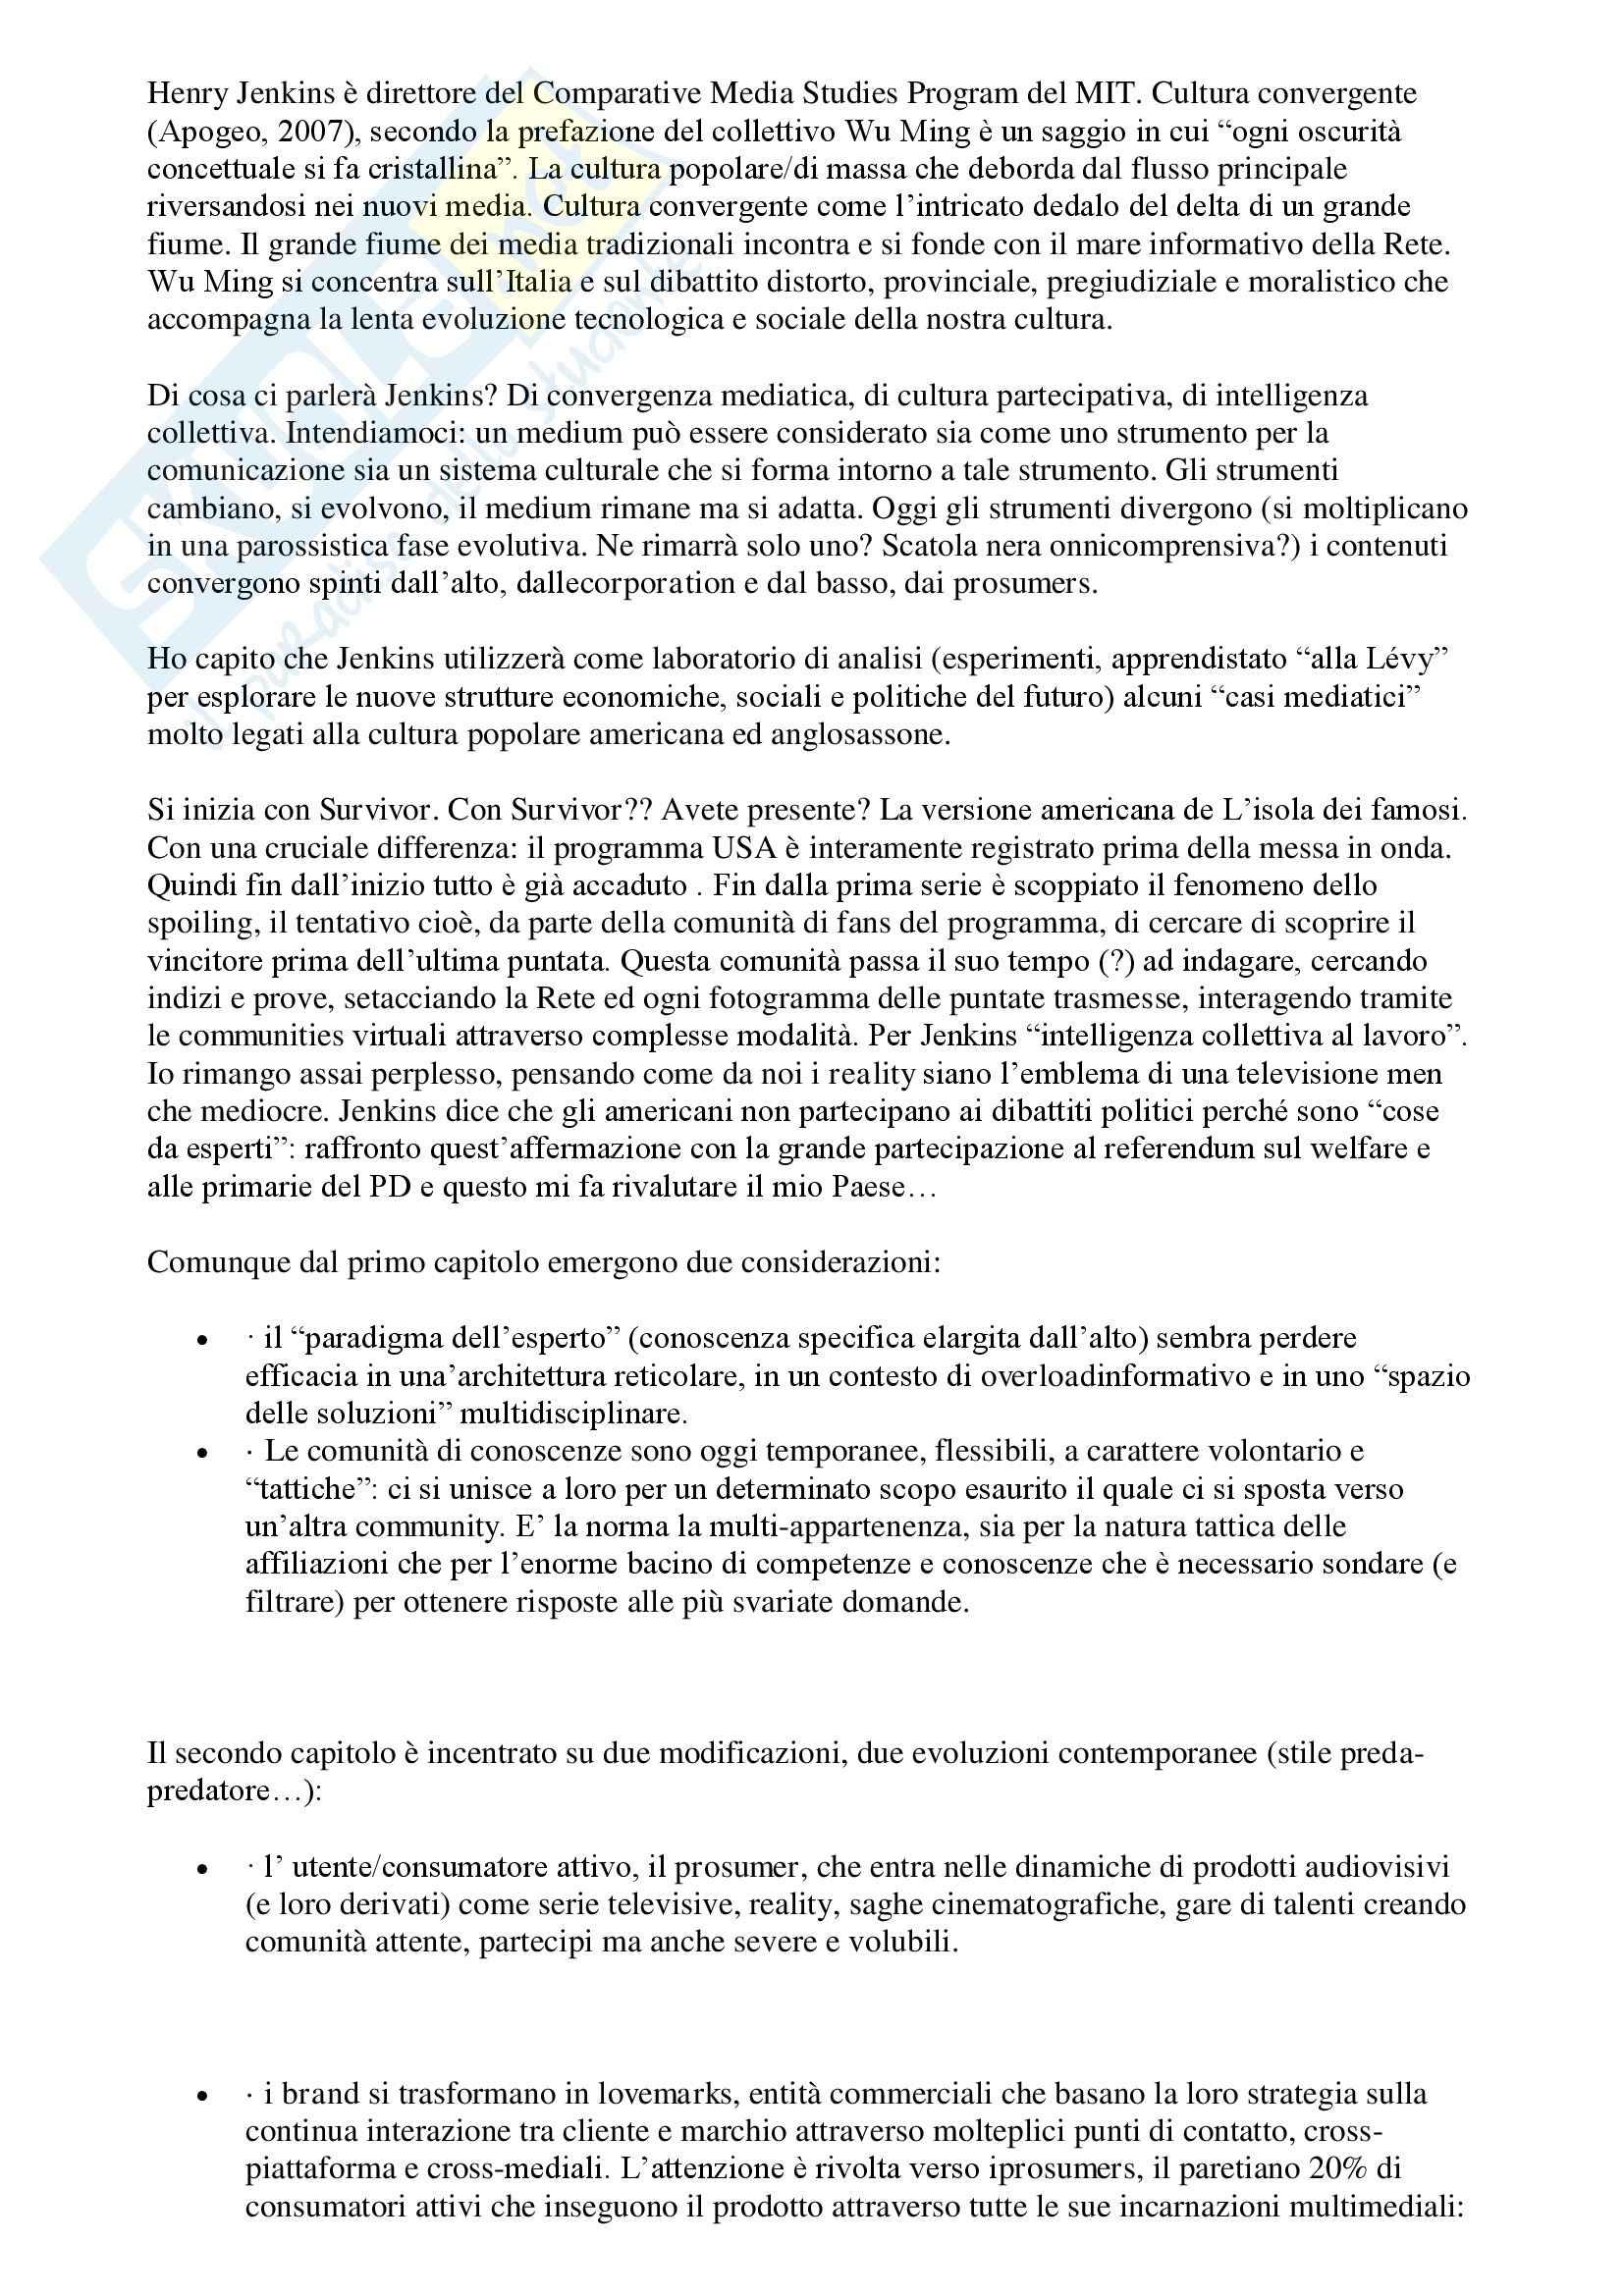 appunto C. Hassan Teorie e tecniche della comunicazione politica e istituzionale